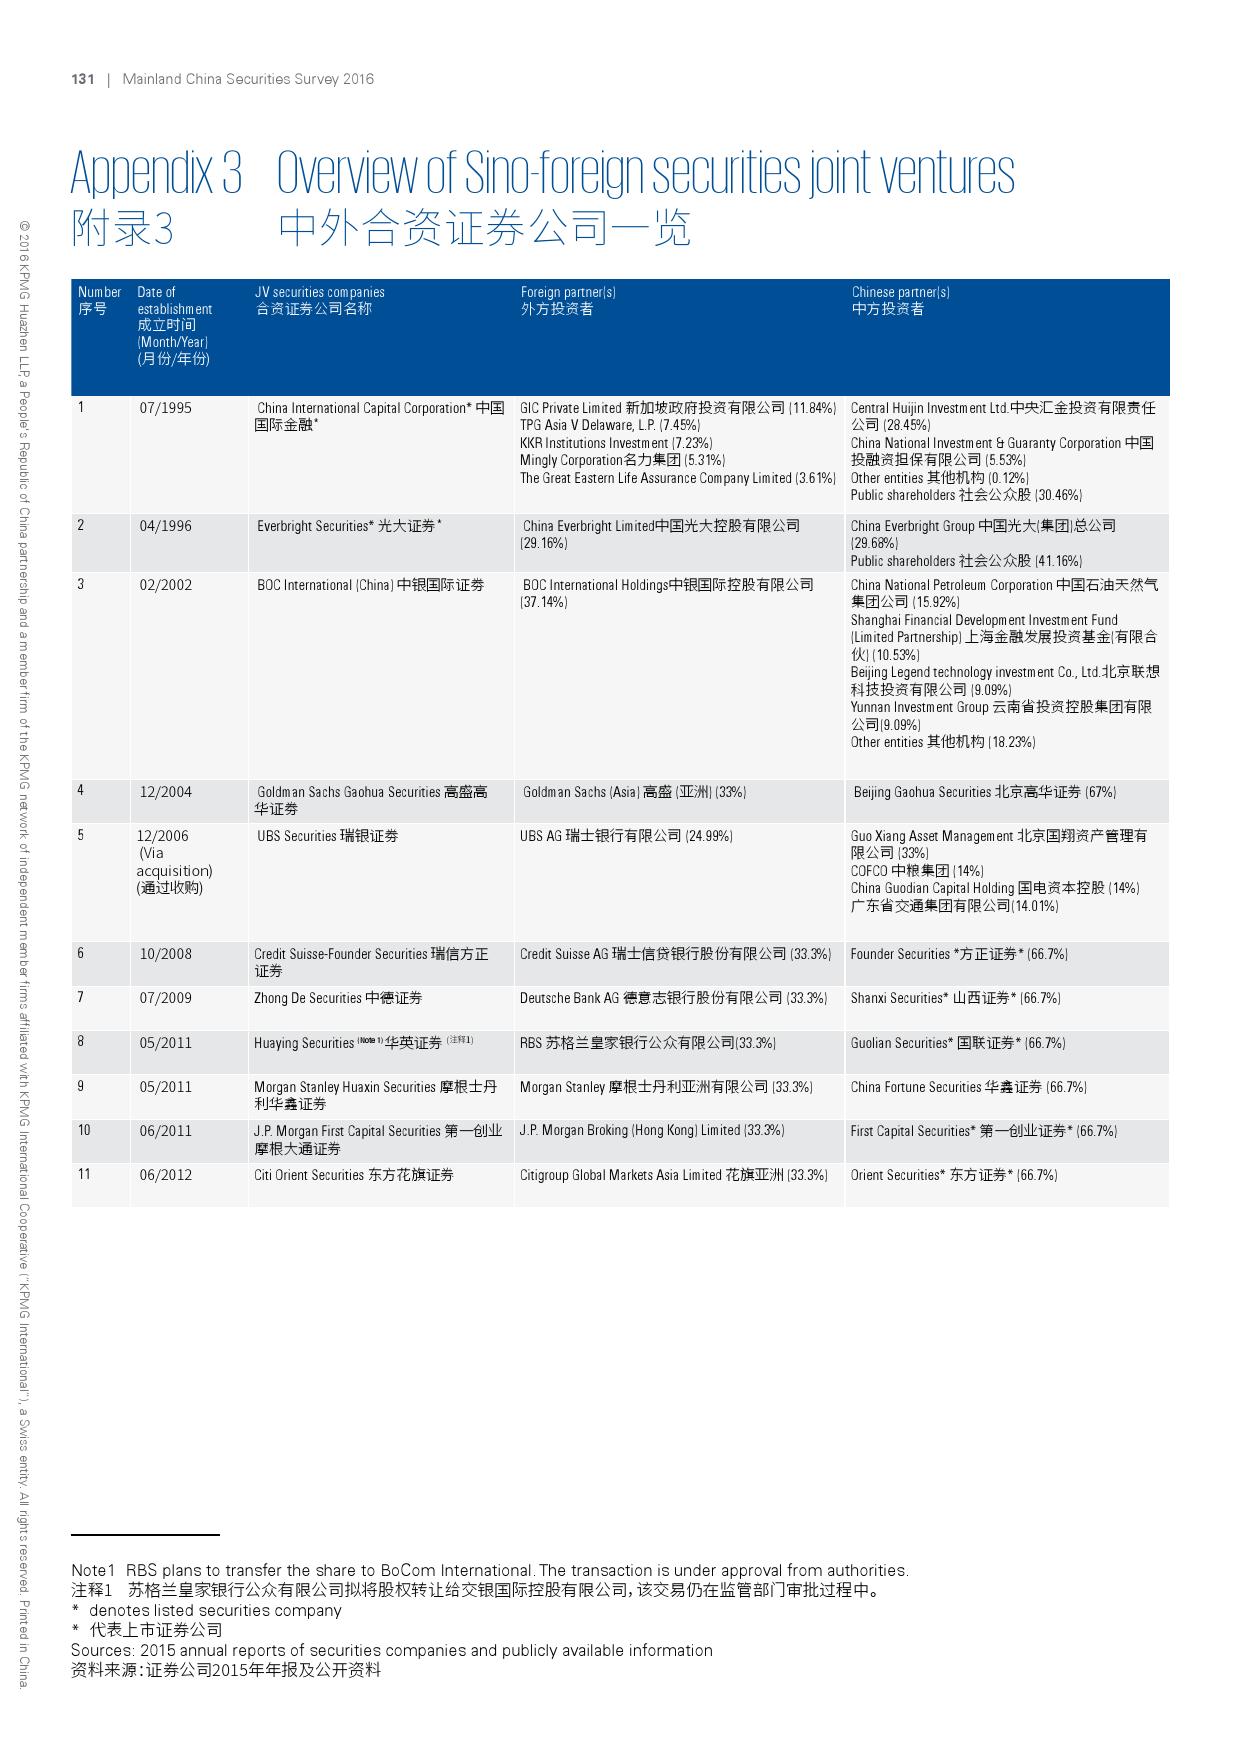 2016年中国证券业调查报告_000134